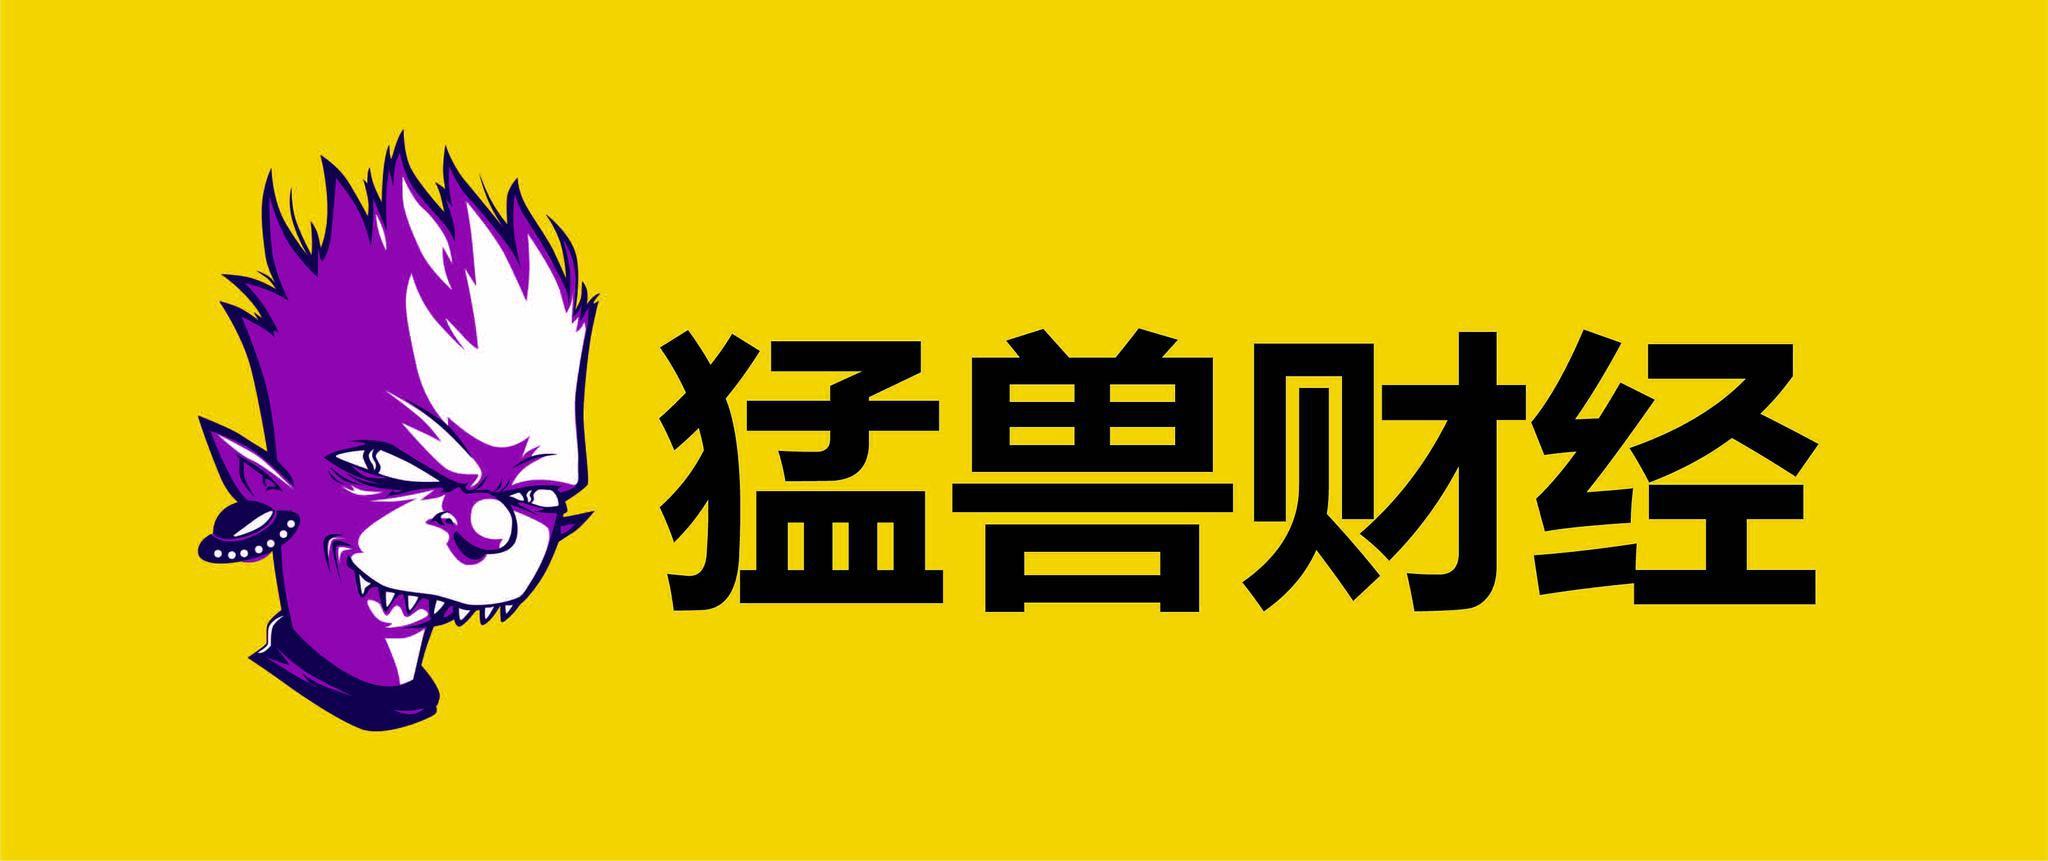 《【万和城代理平台】【猛兽财经】京东1亿美元入股香港物流巨头 在打什么如意算盘?》